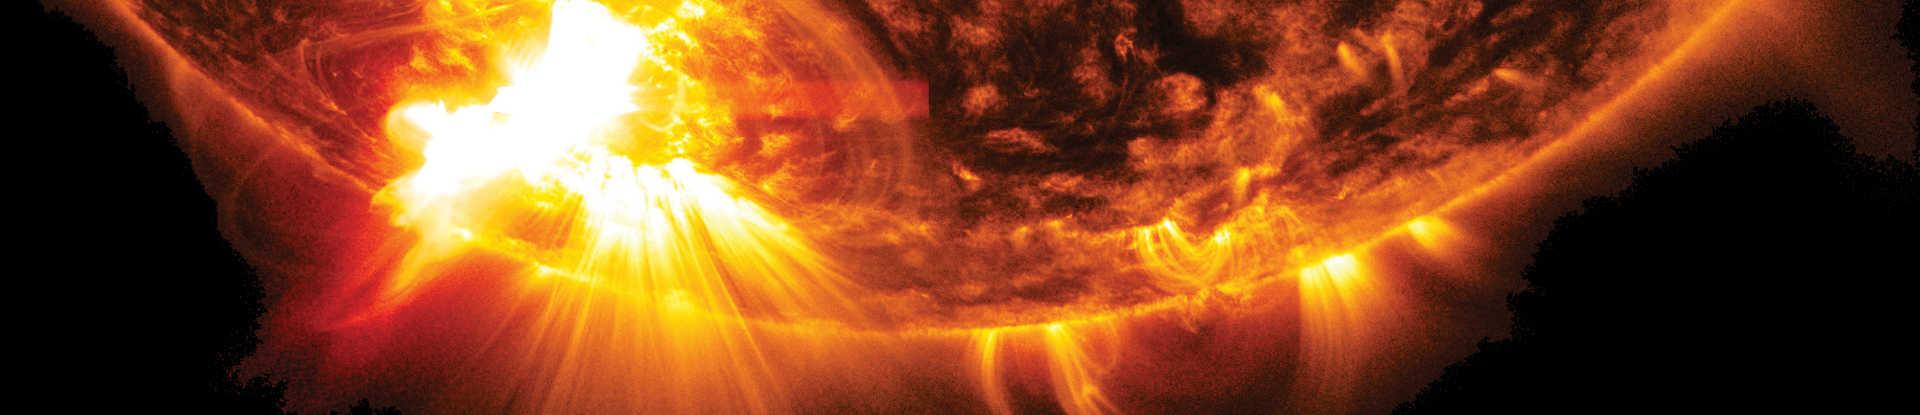 An orange sun with a solar flare